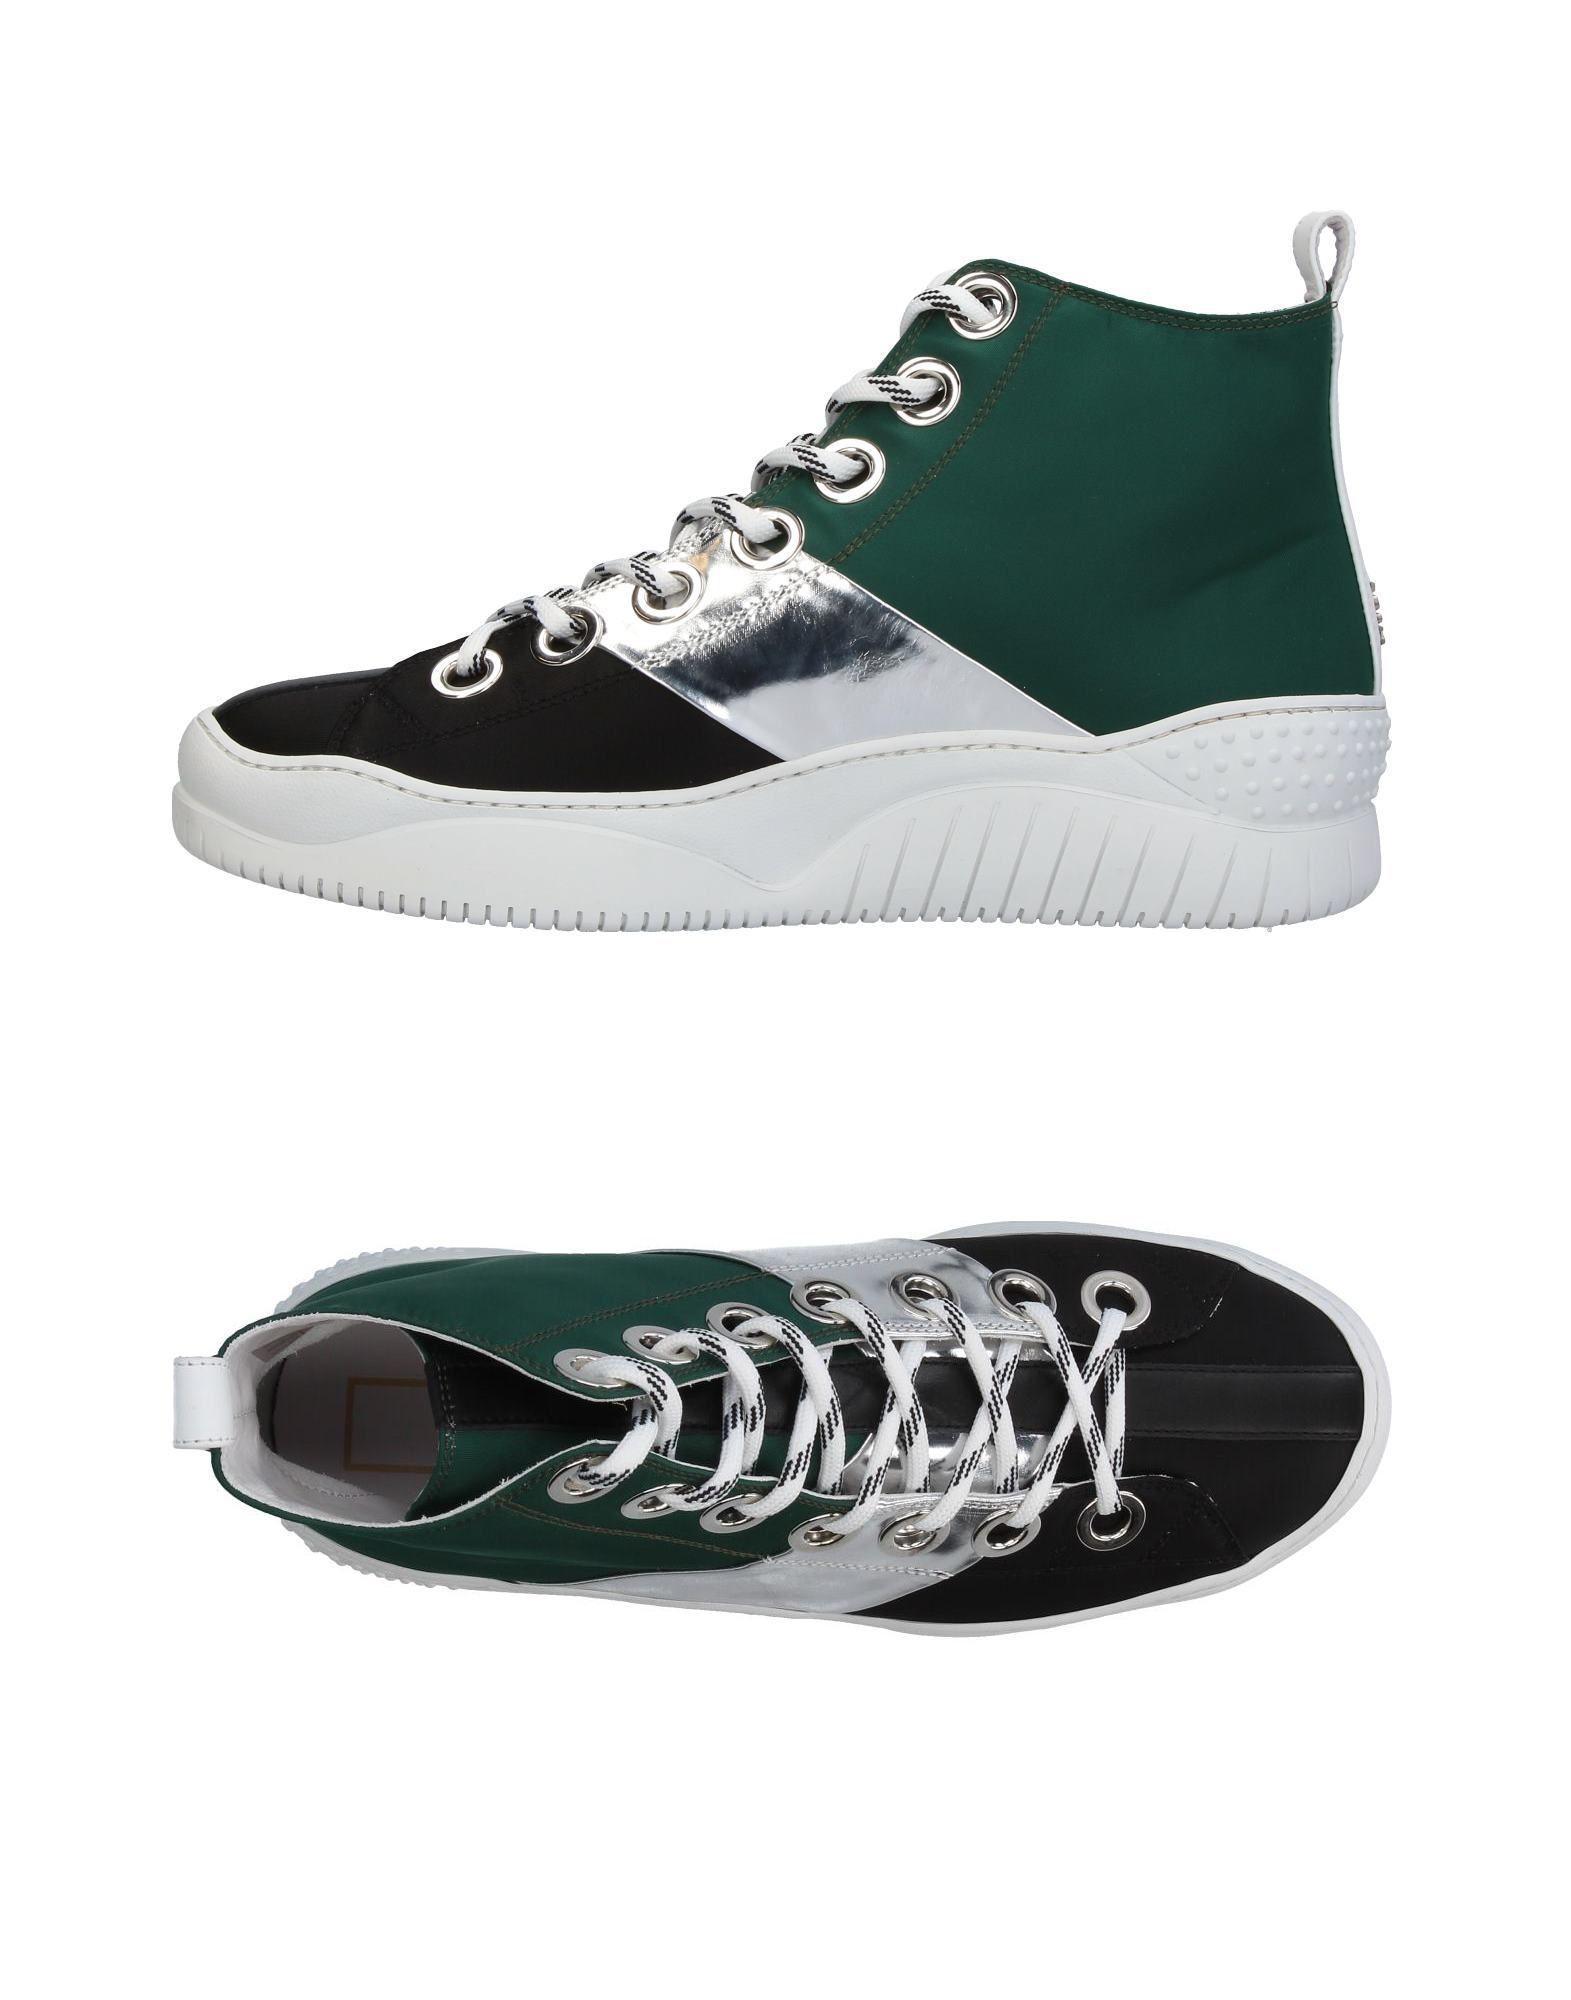 FOOTWEAR - High-tops & sneakers N E2PWV3Dm